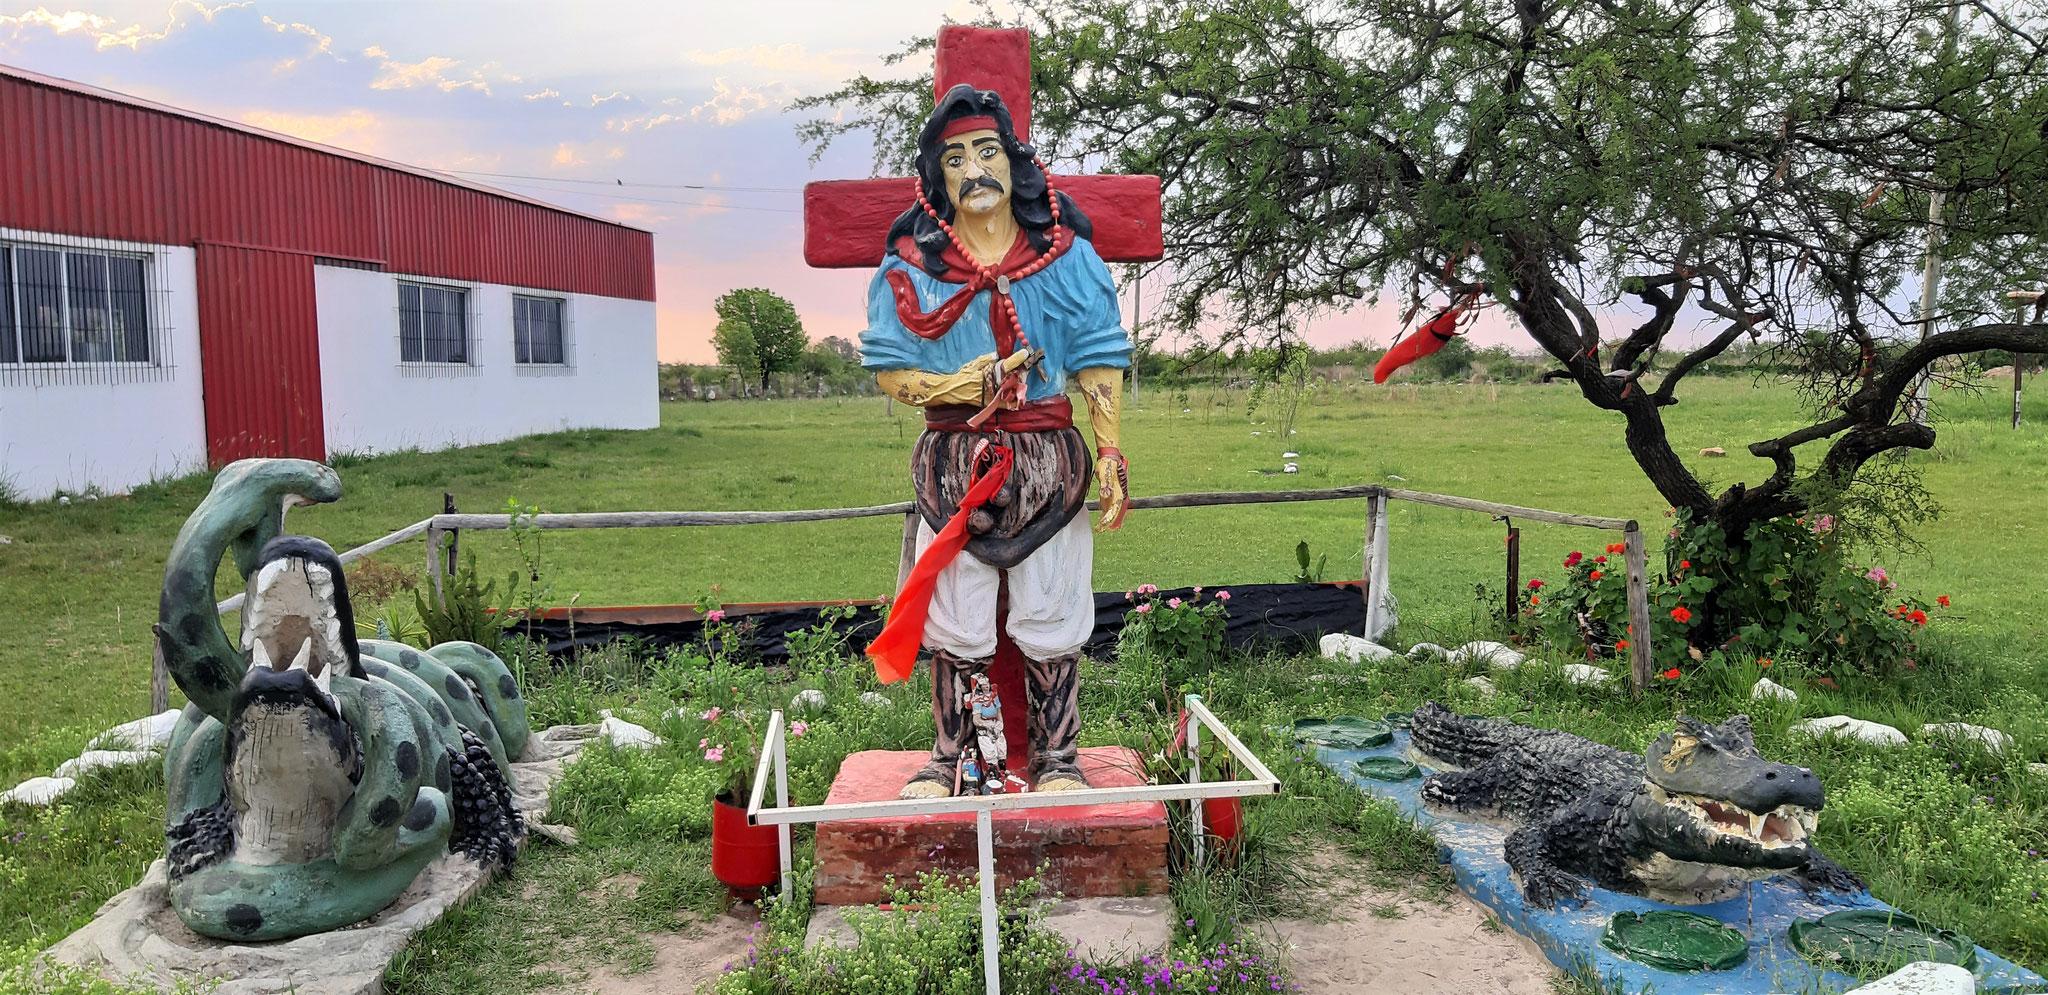 Gaucho Gil, der argentinische Robin Hood. Er wird von den Argentiniern als Nationalheld verehrt.